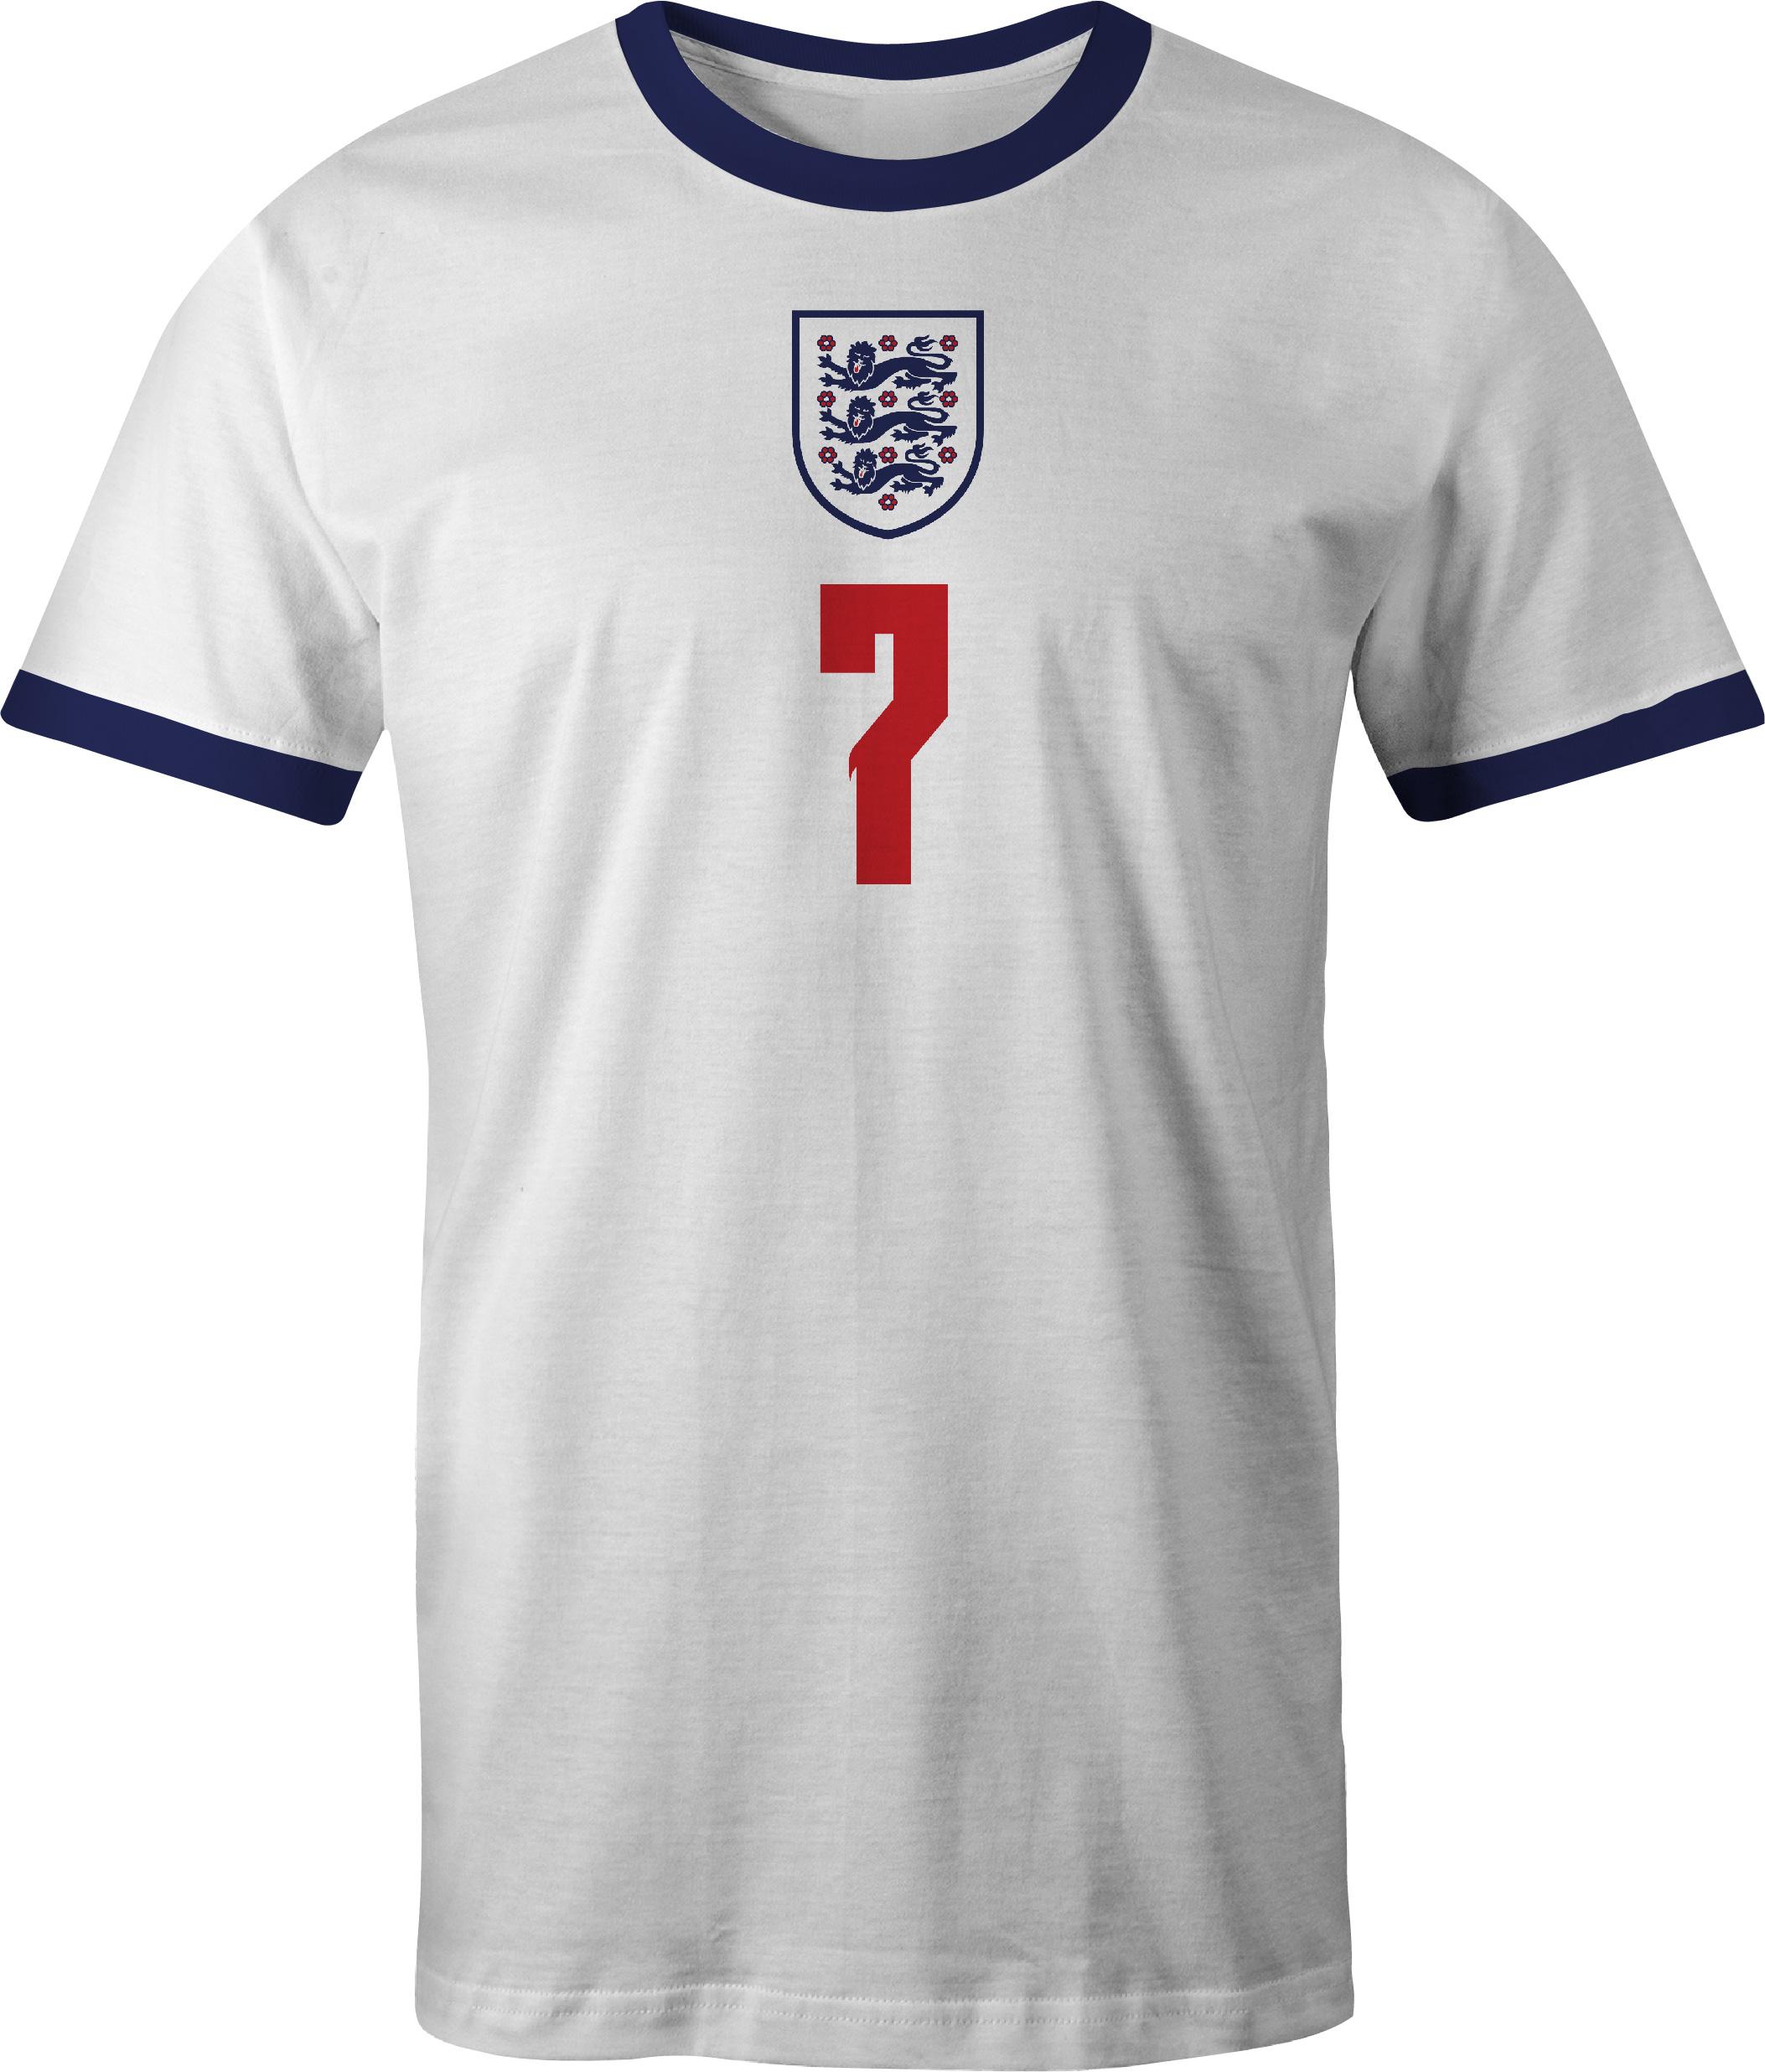 England Jack Grealish No 7 Euro 20 T Shirt front